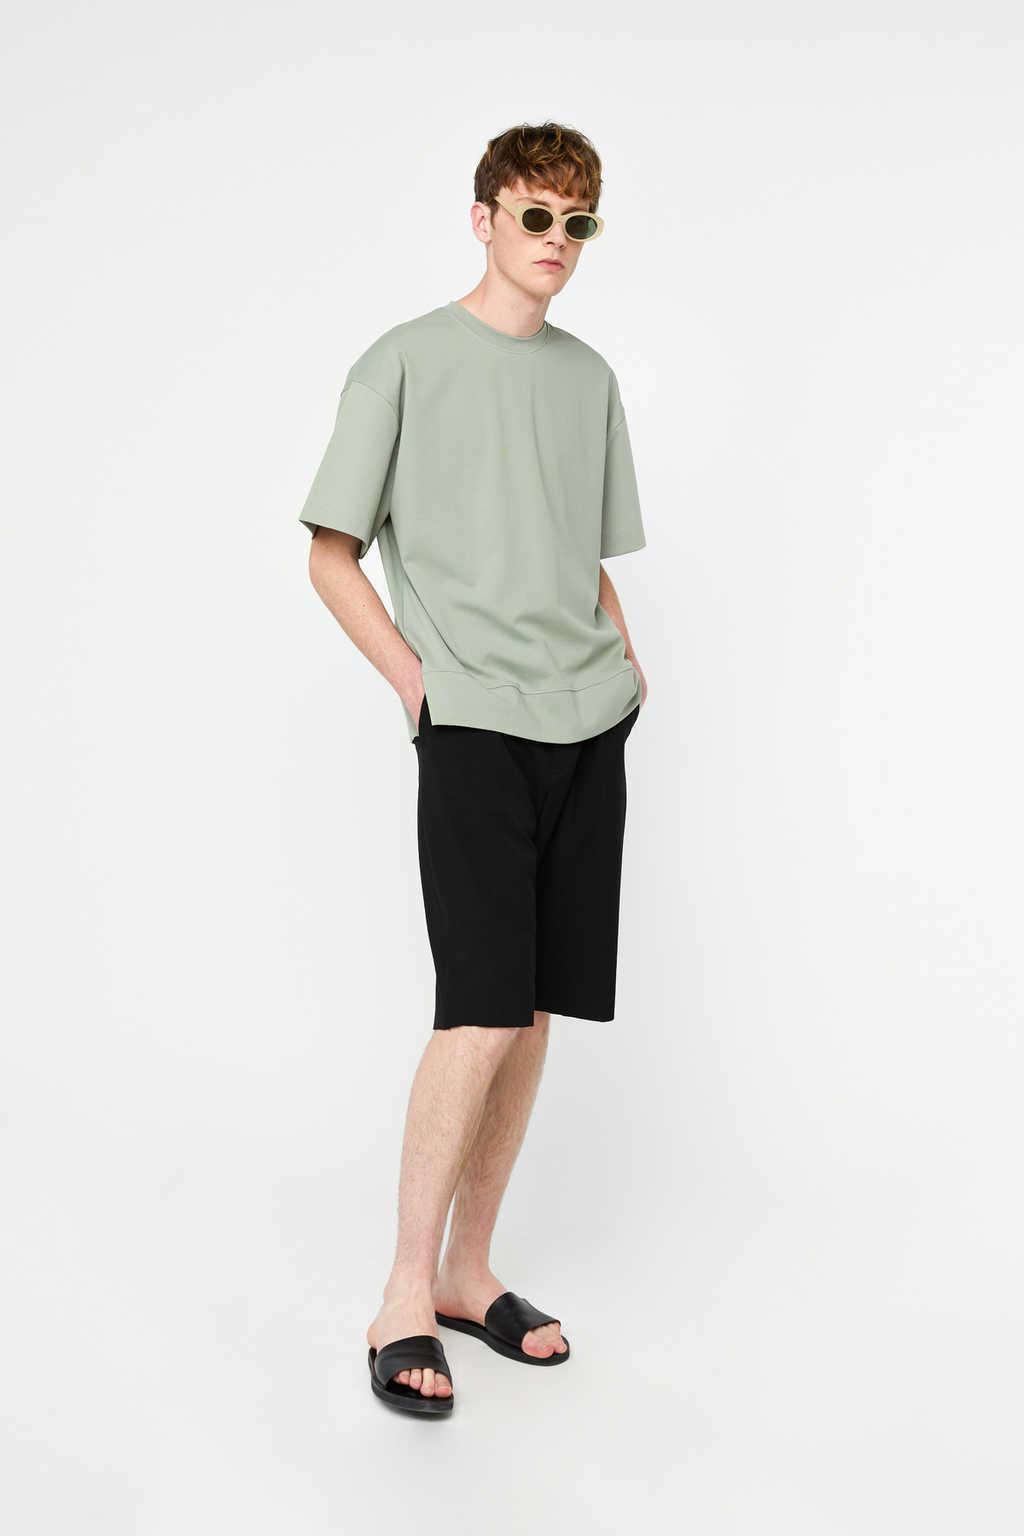 TShirt K007M Green 15